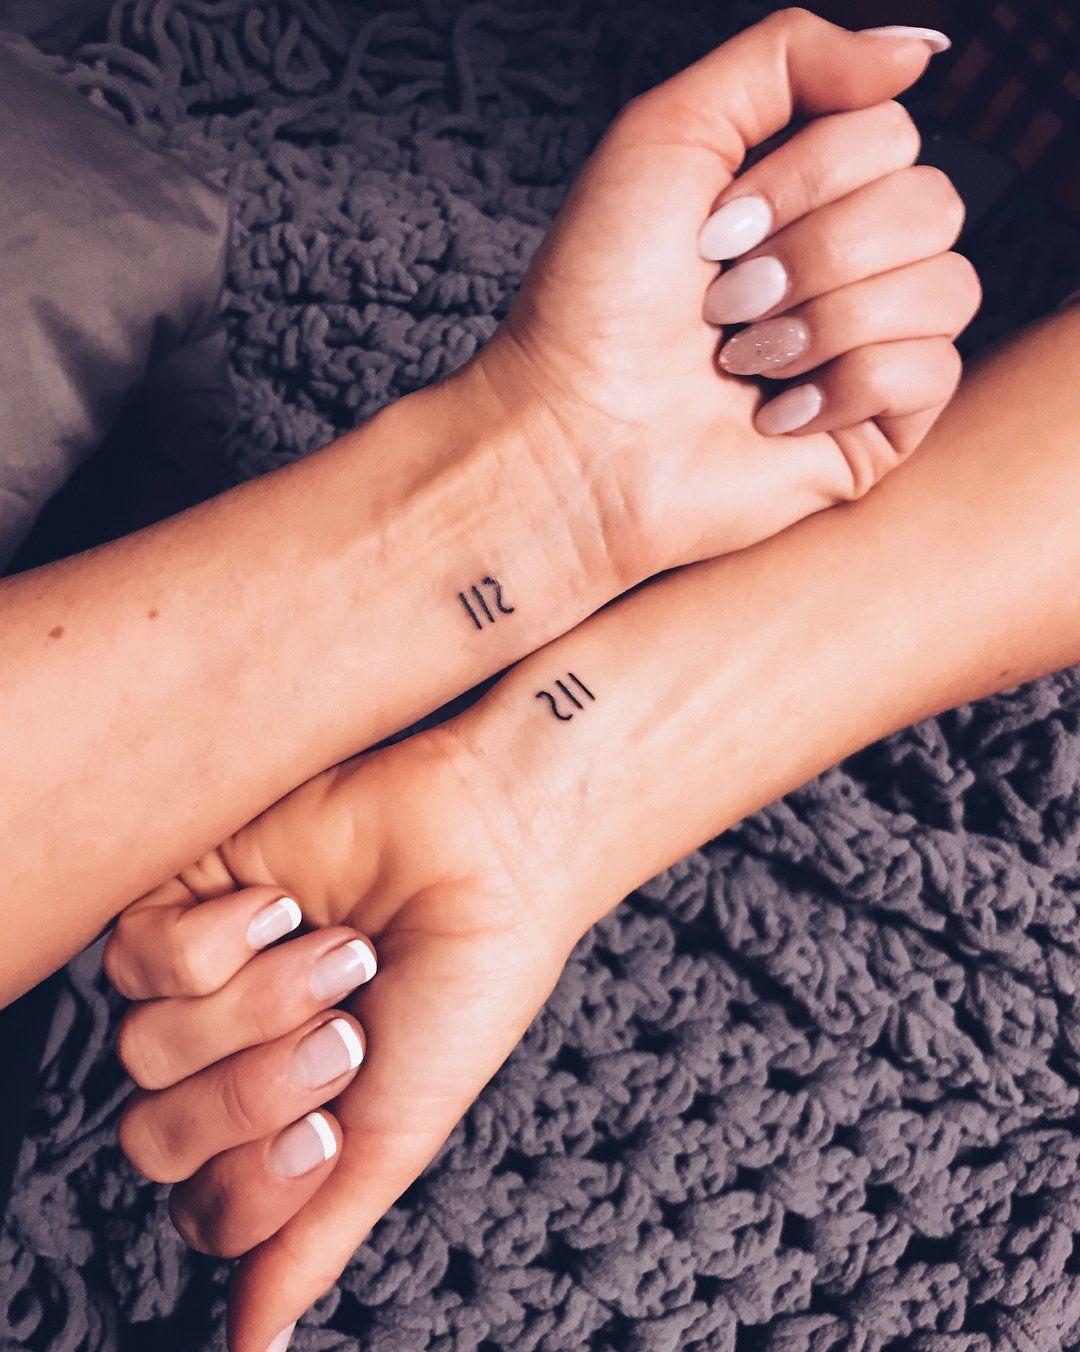 Girl Best Friend Matching Tattoos (6)